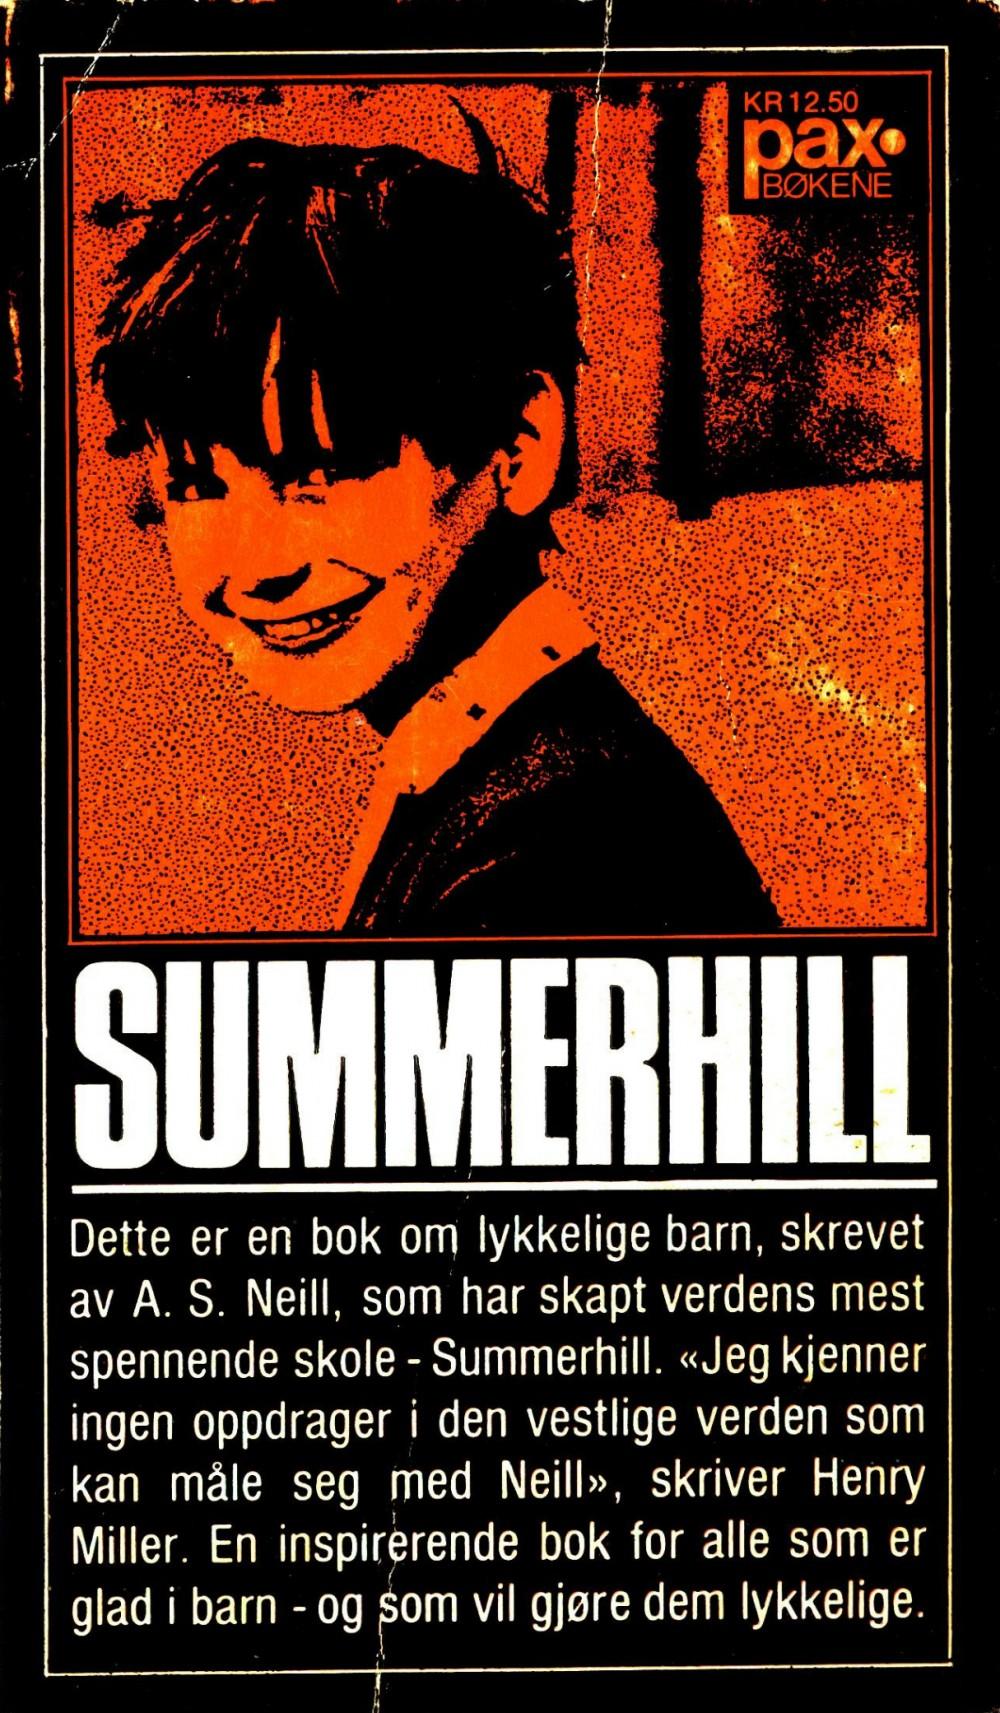 A. S. Neill: Summerhill